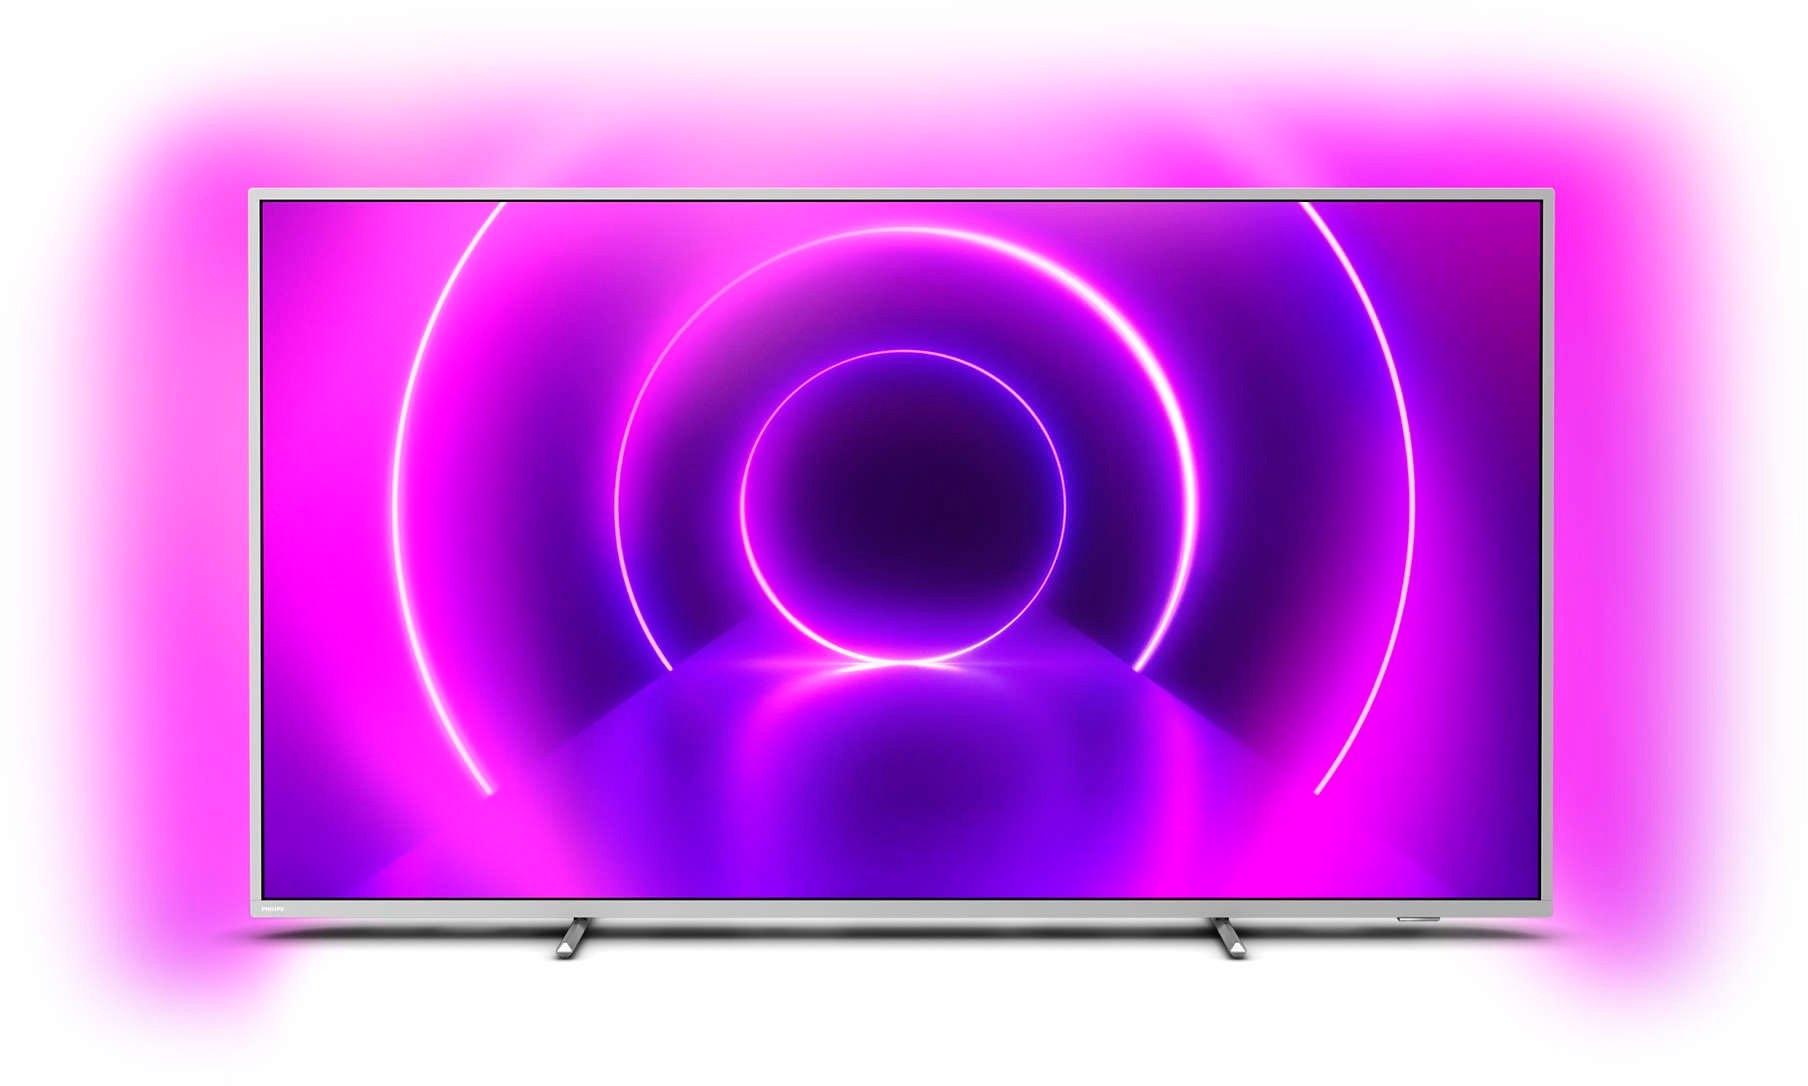 Philips LED-TV 70PUS8505/12, 178 cm / 70